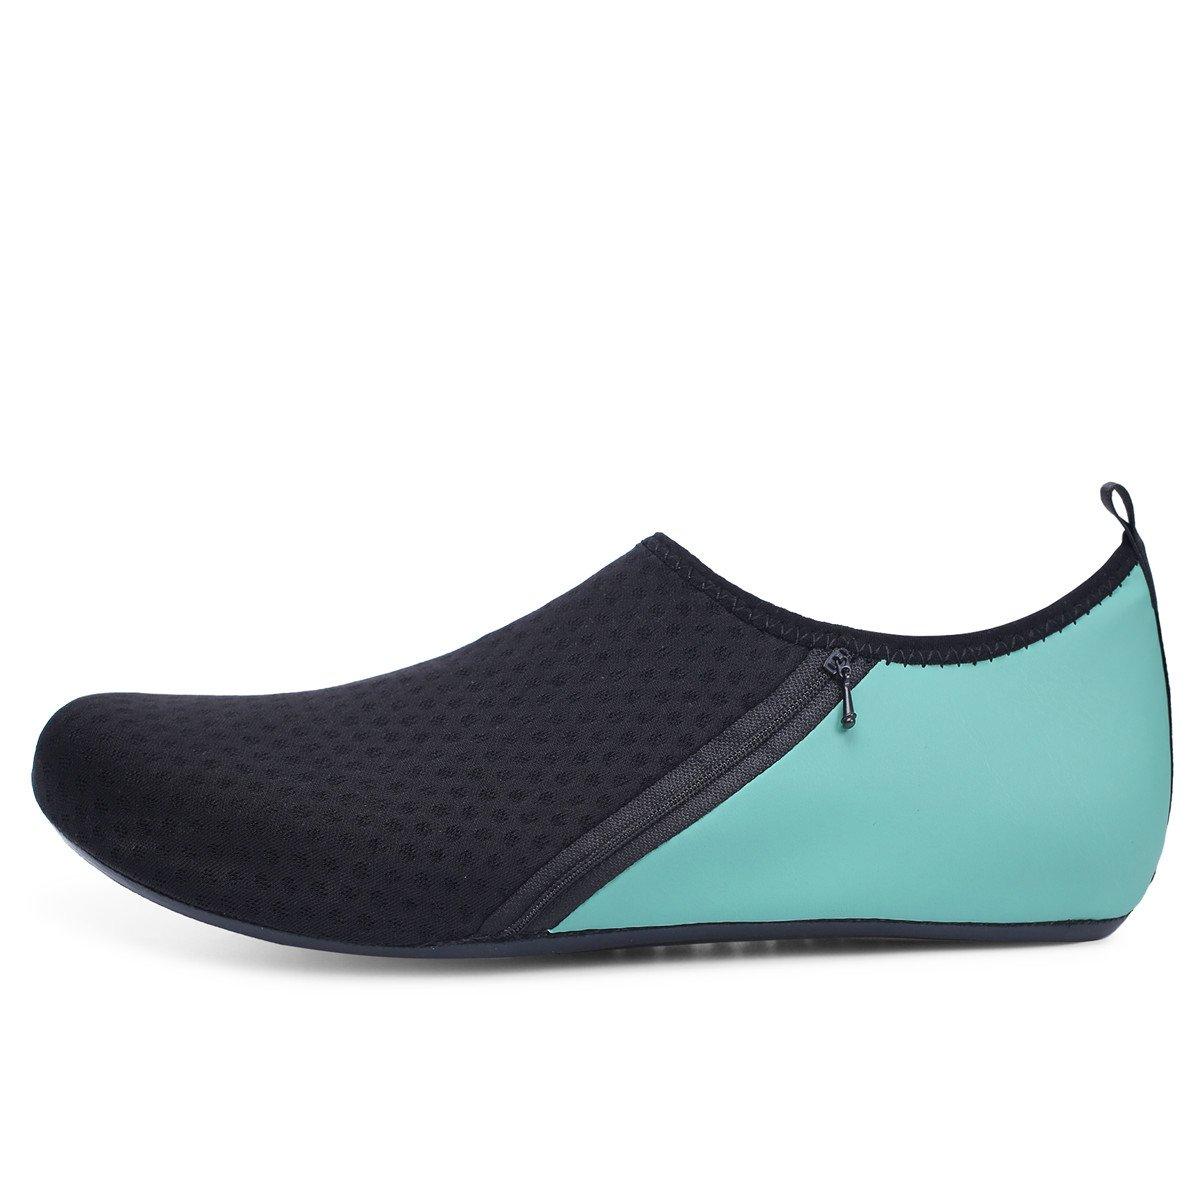 JIASUQI Mens Beach Walking Sandals Water Shoes for Pool Swim Zip Green US 7.5-8.5 Women, 6.5-7.5 Men by JIASUQI (Image #4)